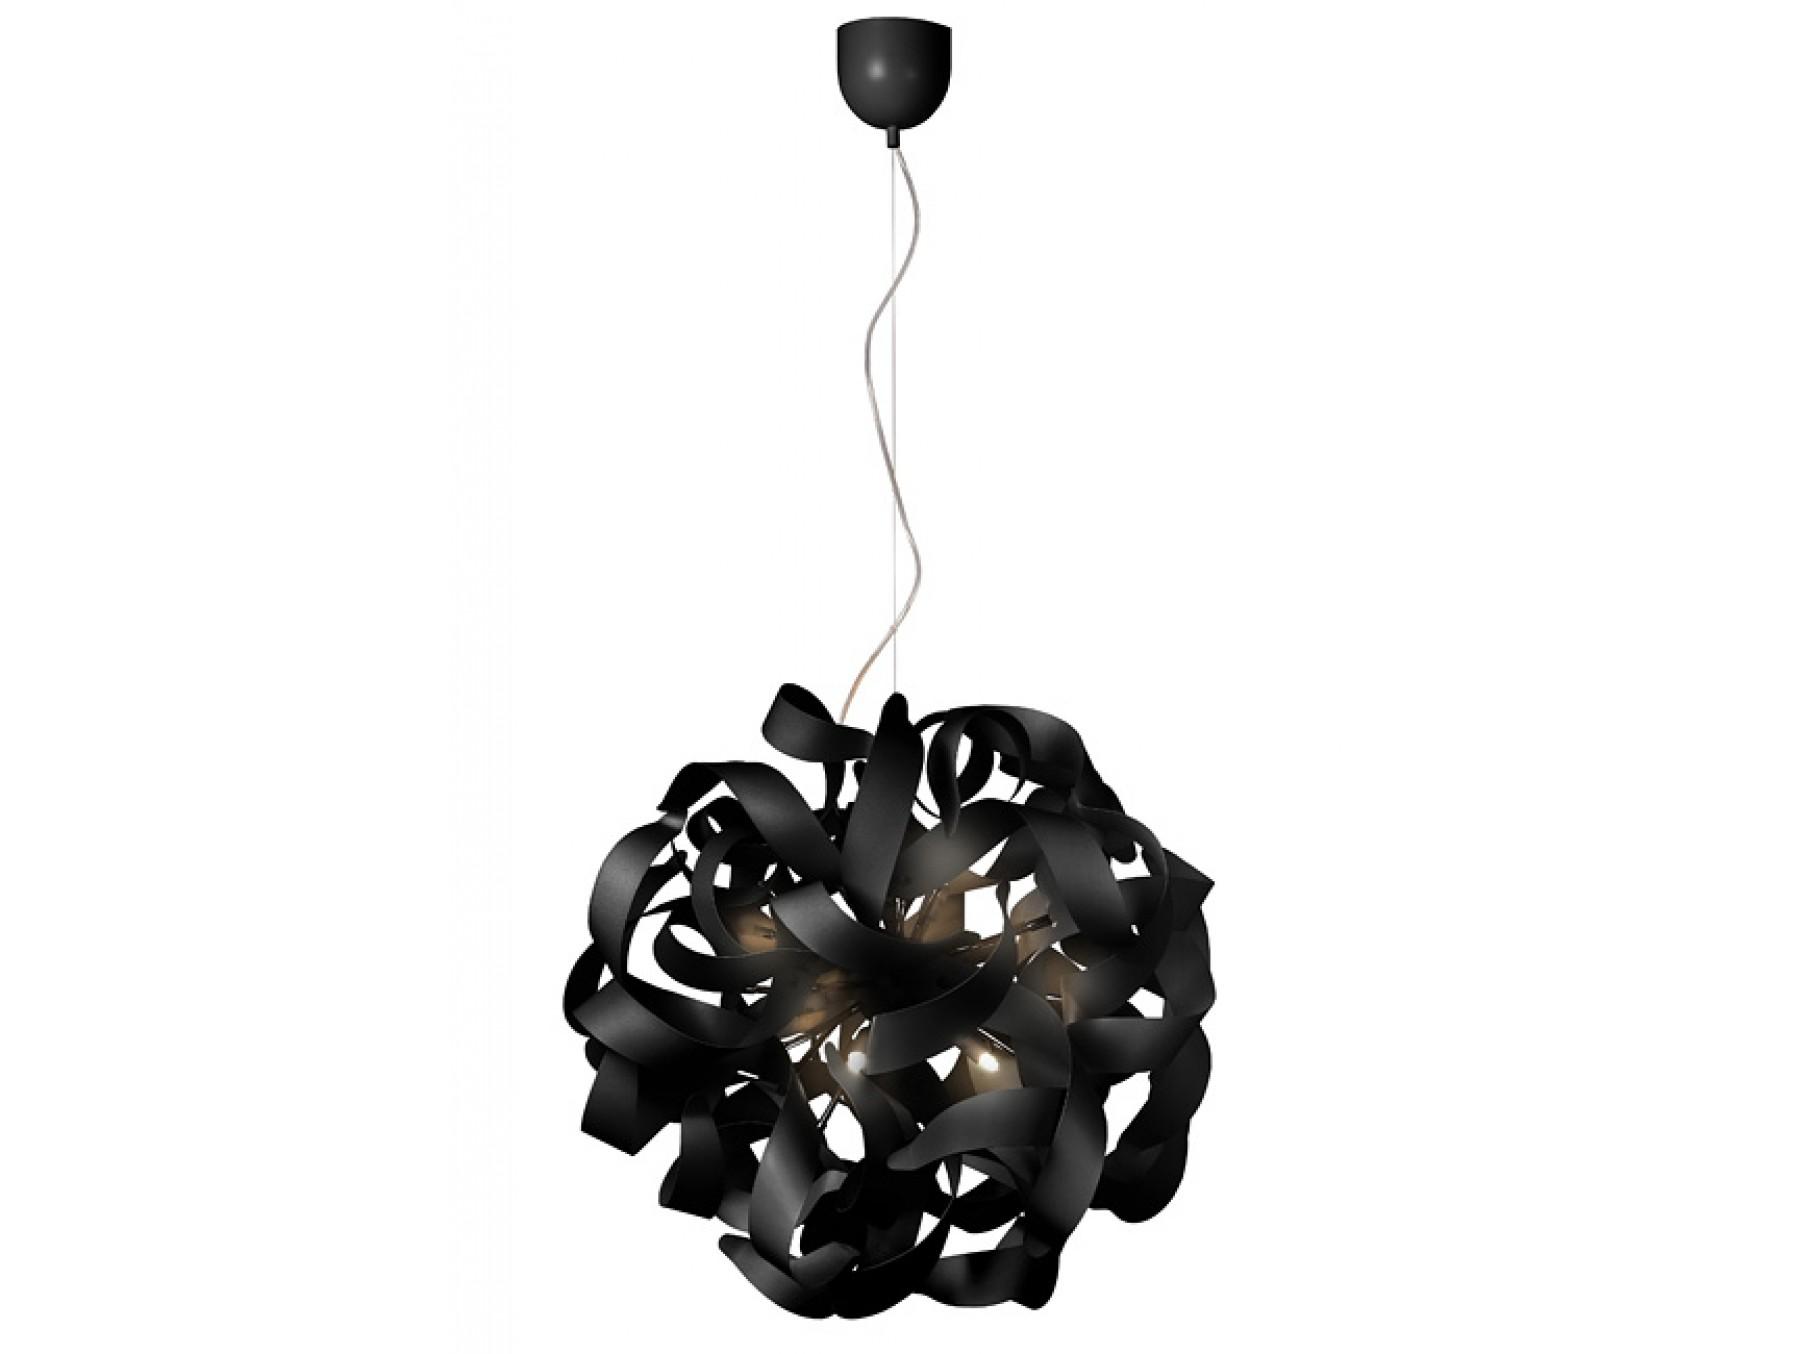 Подвесной светильник ATOMITAПодвесные светильники<br>основание: металл<br>плафон: металл/черный<br>диаметр: 65 см<br>высота: 130 см<br>G9, 33W, 12 лампочек (в комплекте)<br><br>Material: Металл<br>Height см: 130<br>Diameter см: 65